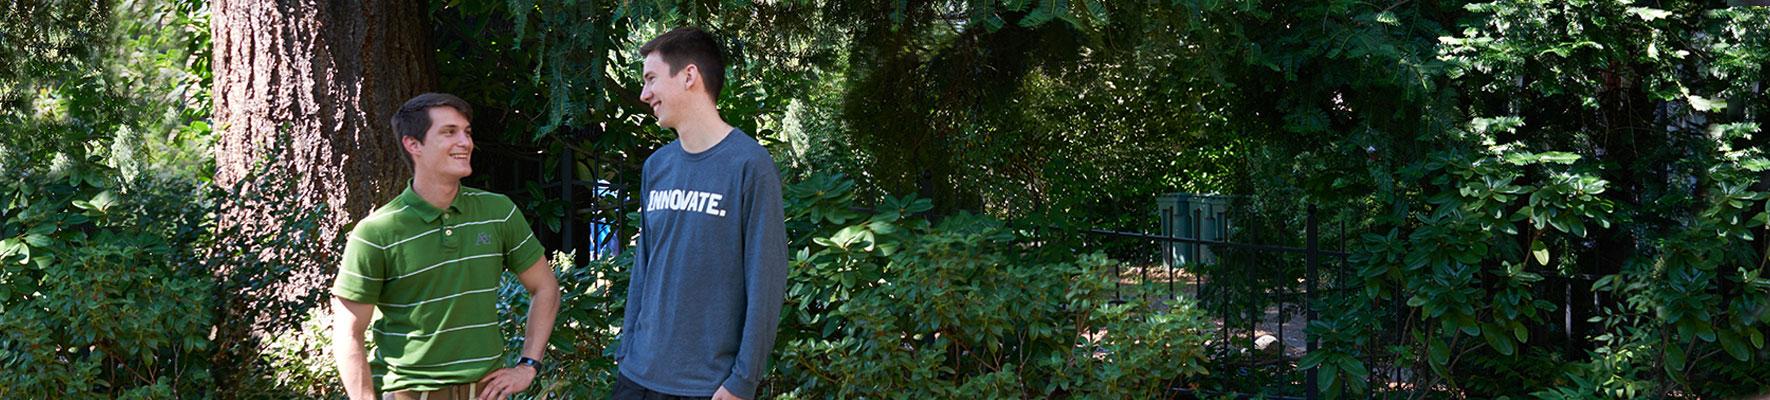 Seattle-boys_3